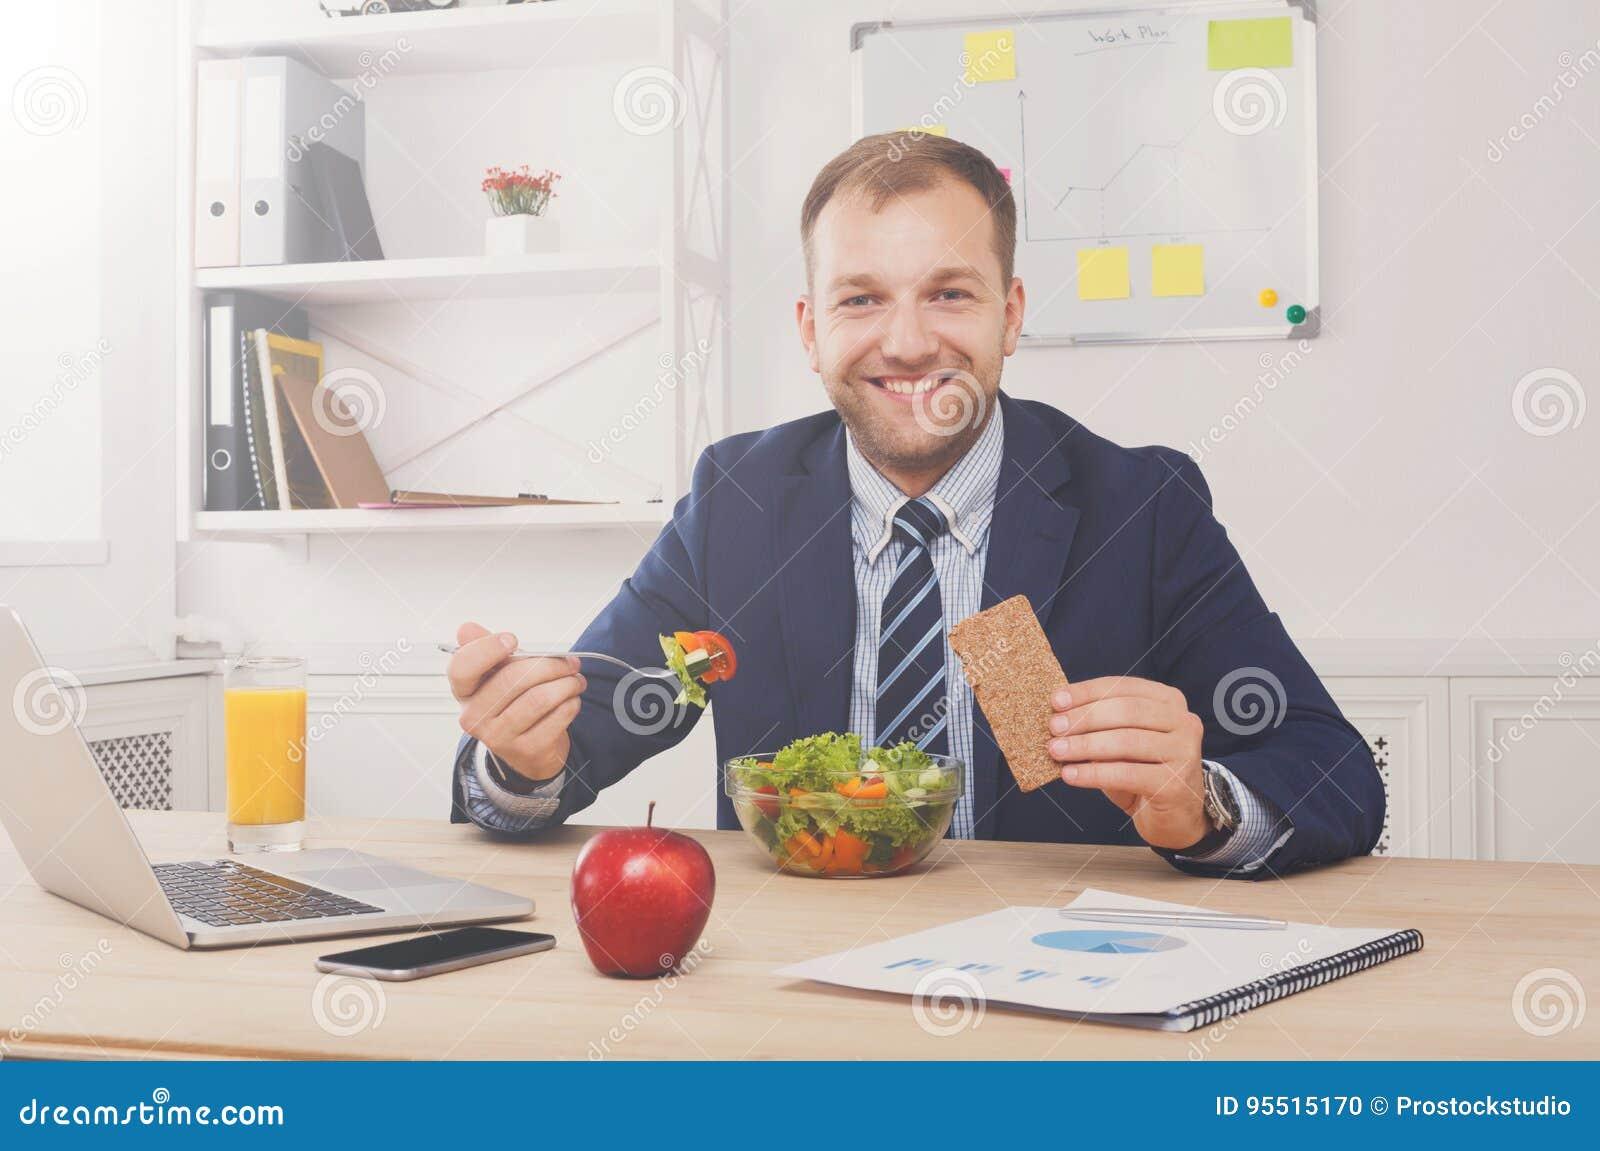 Το άτομο έχει το υγιές επιχειρησιακό μεσημεριανό γεύμα στο σύγχρονο εσωτερικό γραφείων